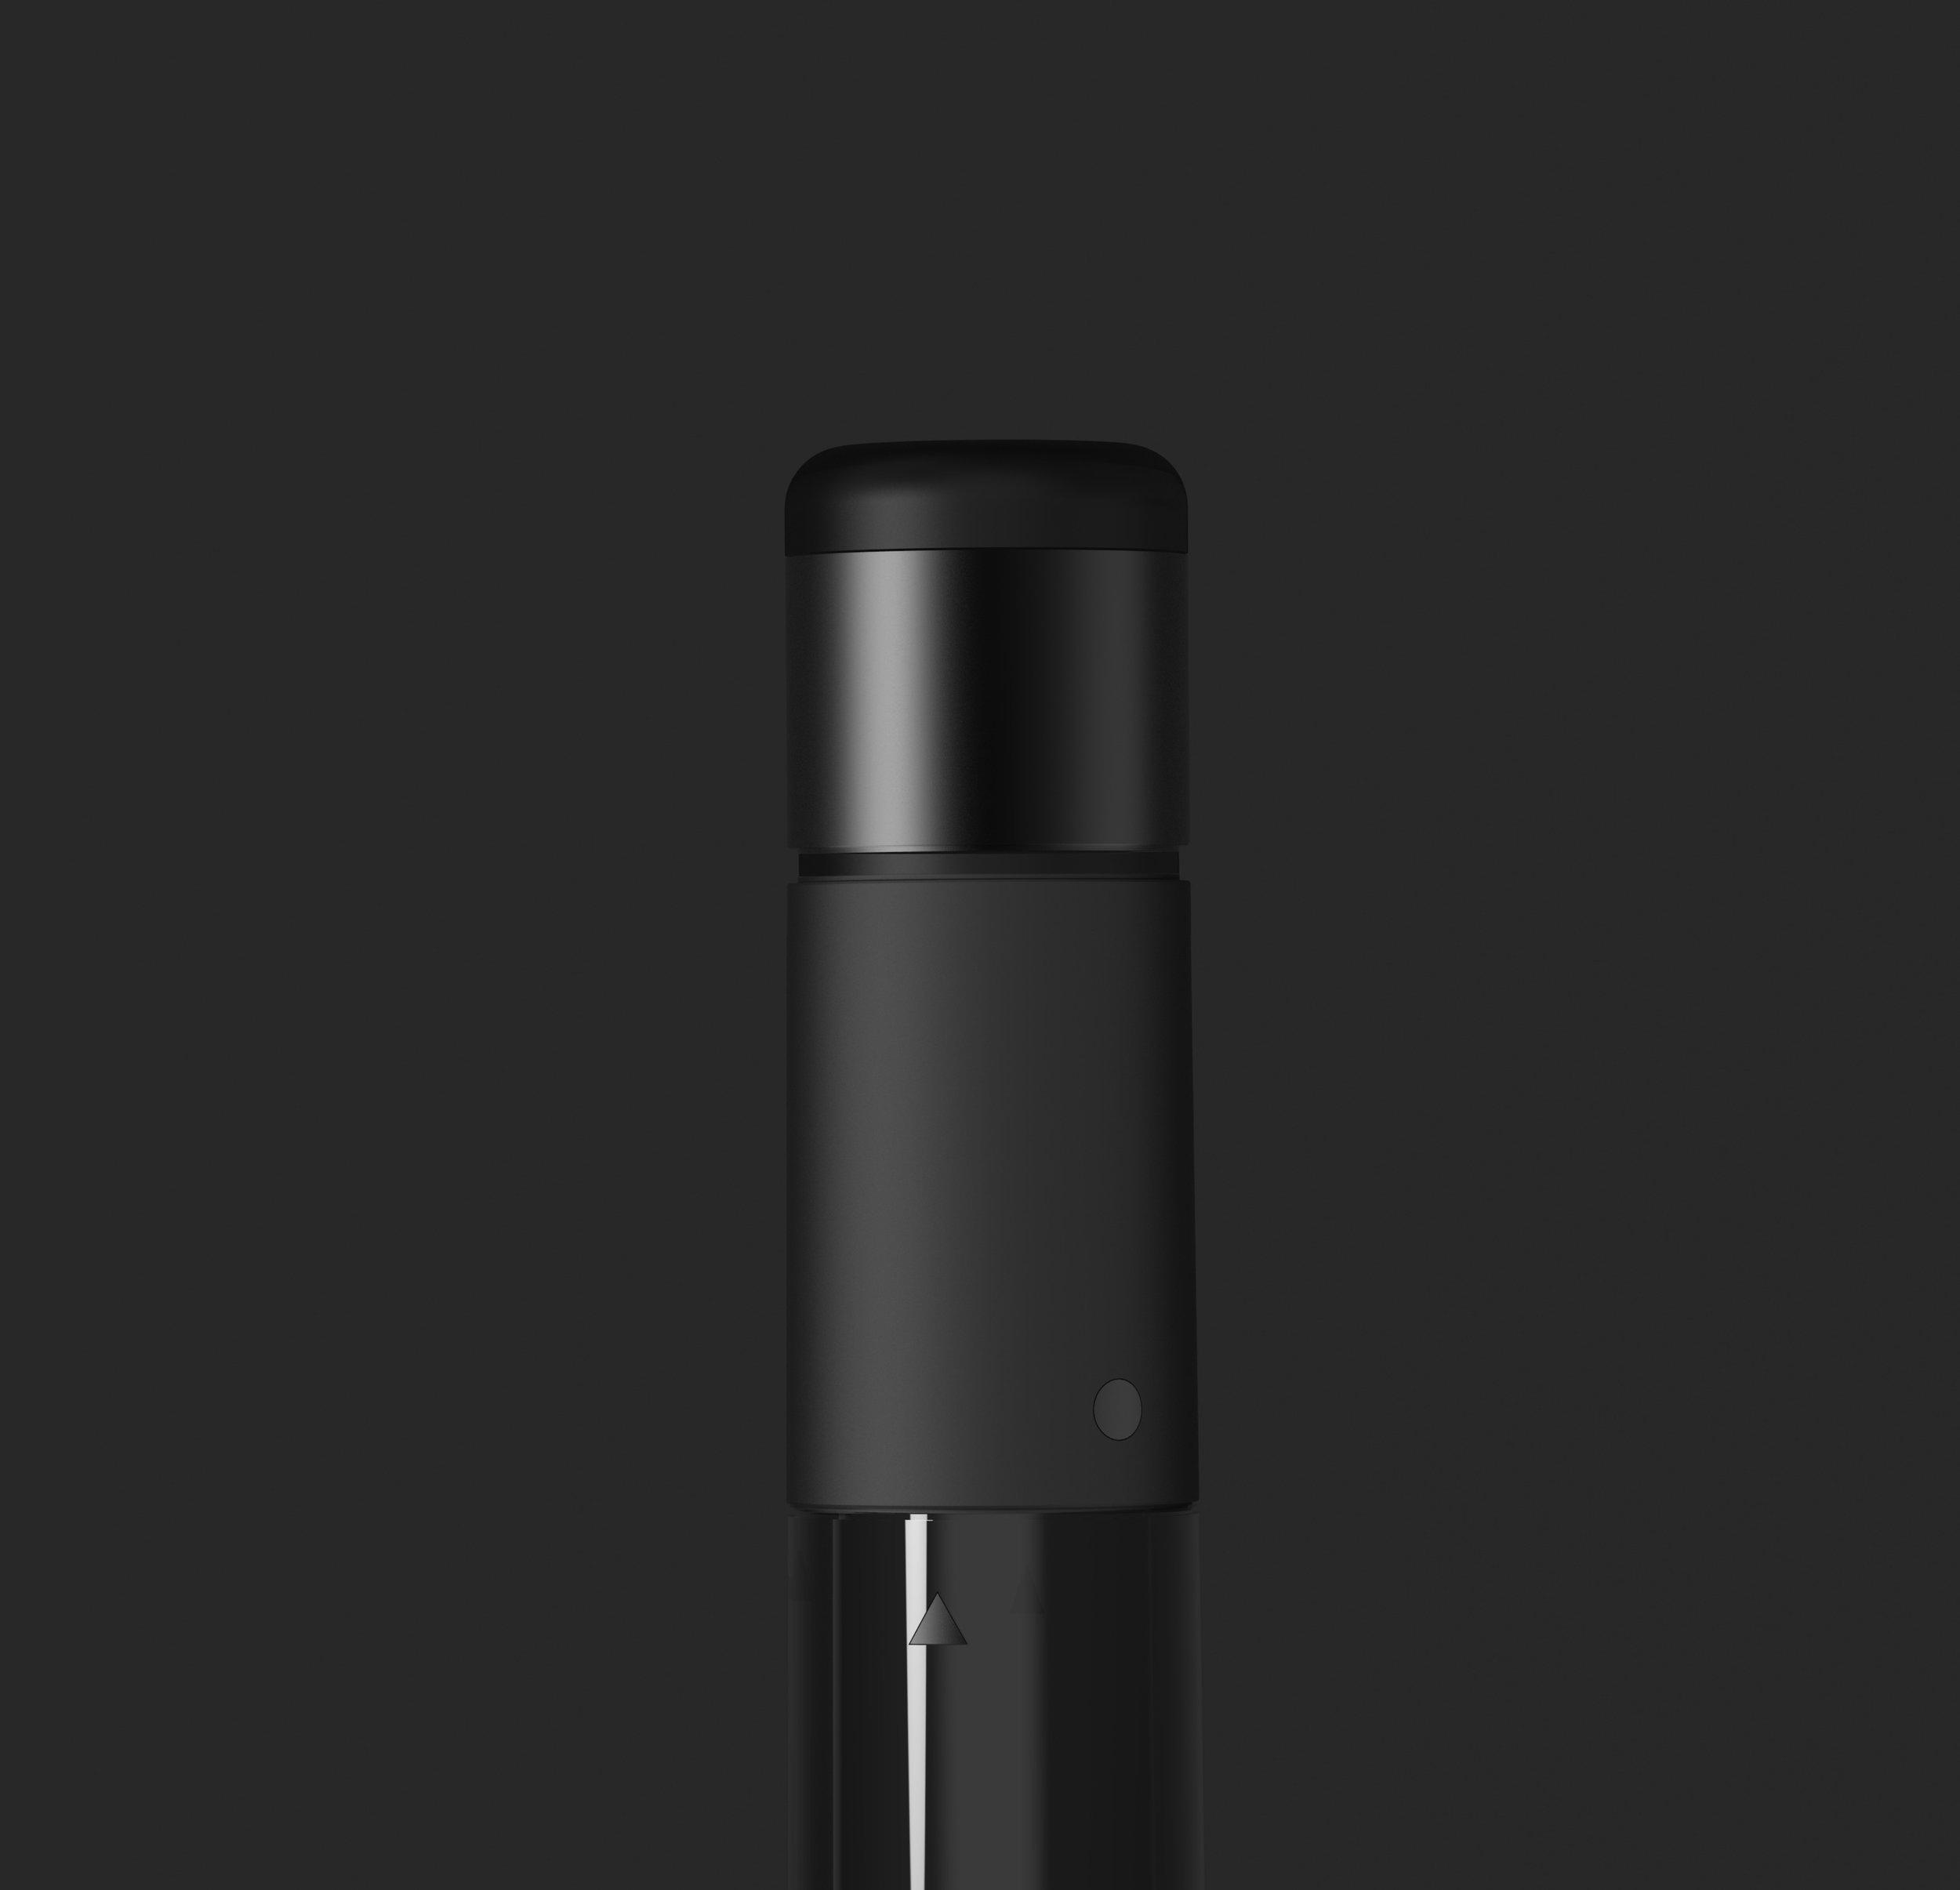 pen-closeup-3.jpg